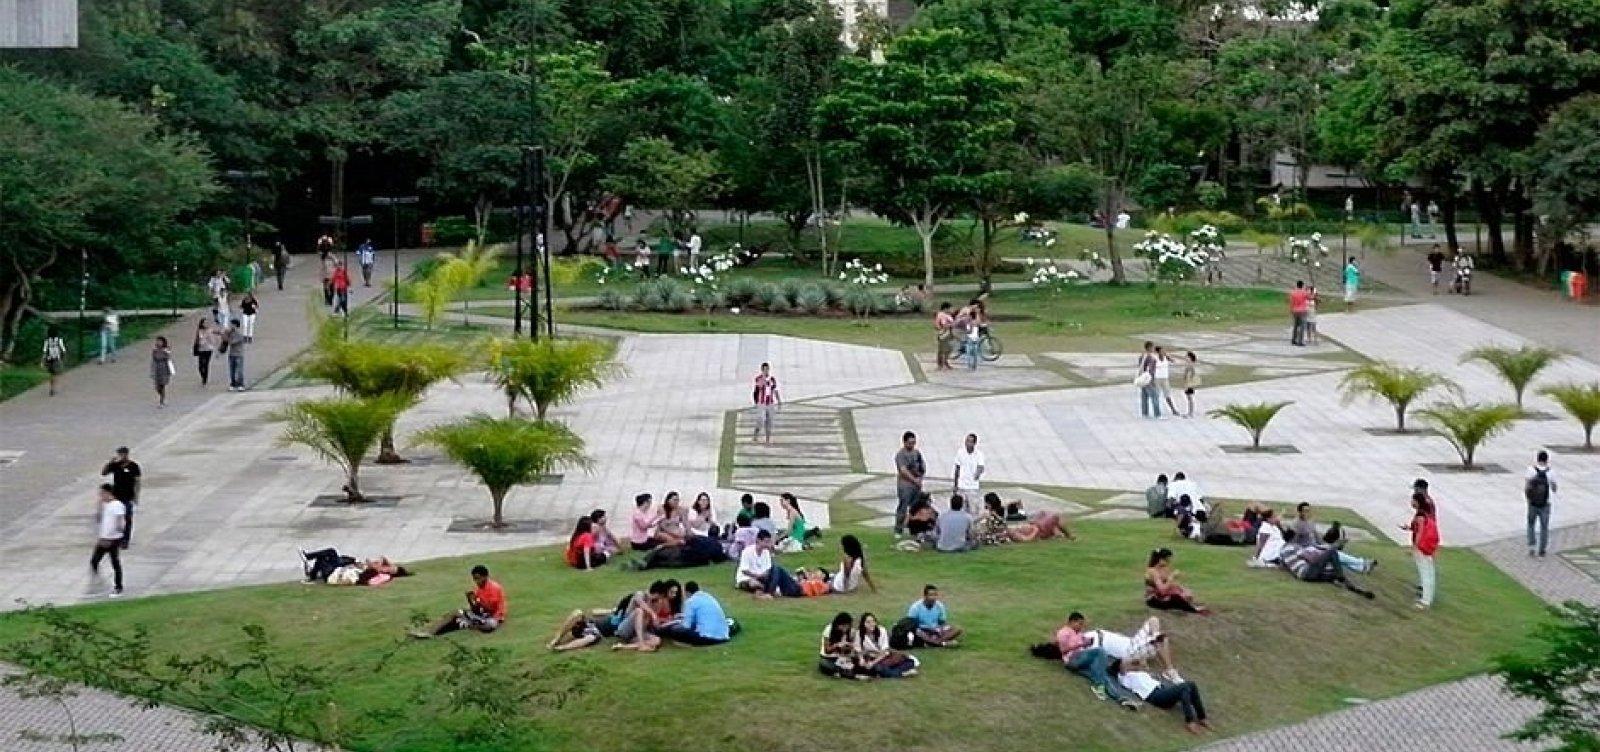 Mais de 28 mil estudantes serão afetados com redução nos auxílios da Ufba